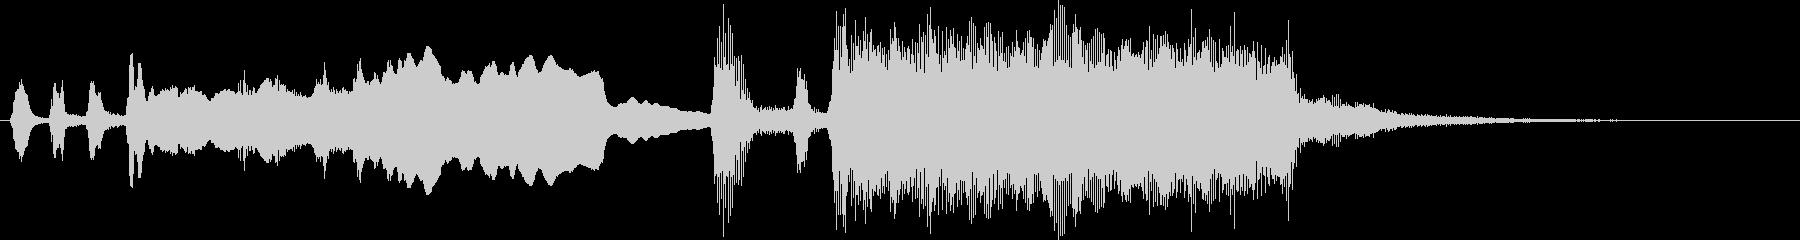 シンプル金管ファンファーレMの未再生の波形